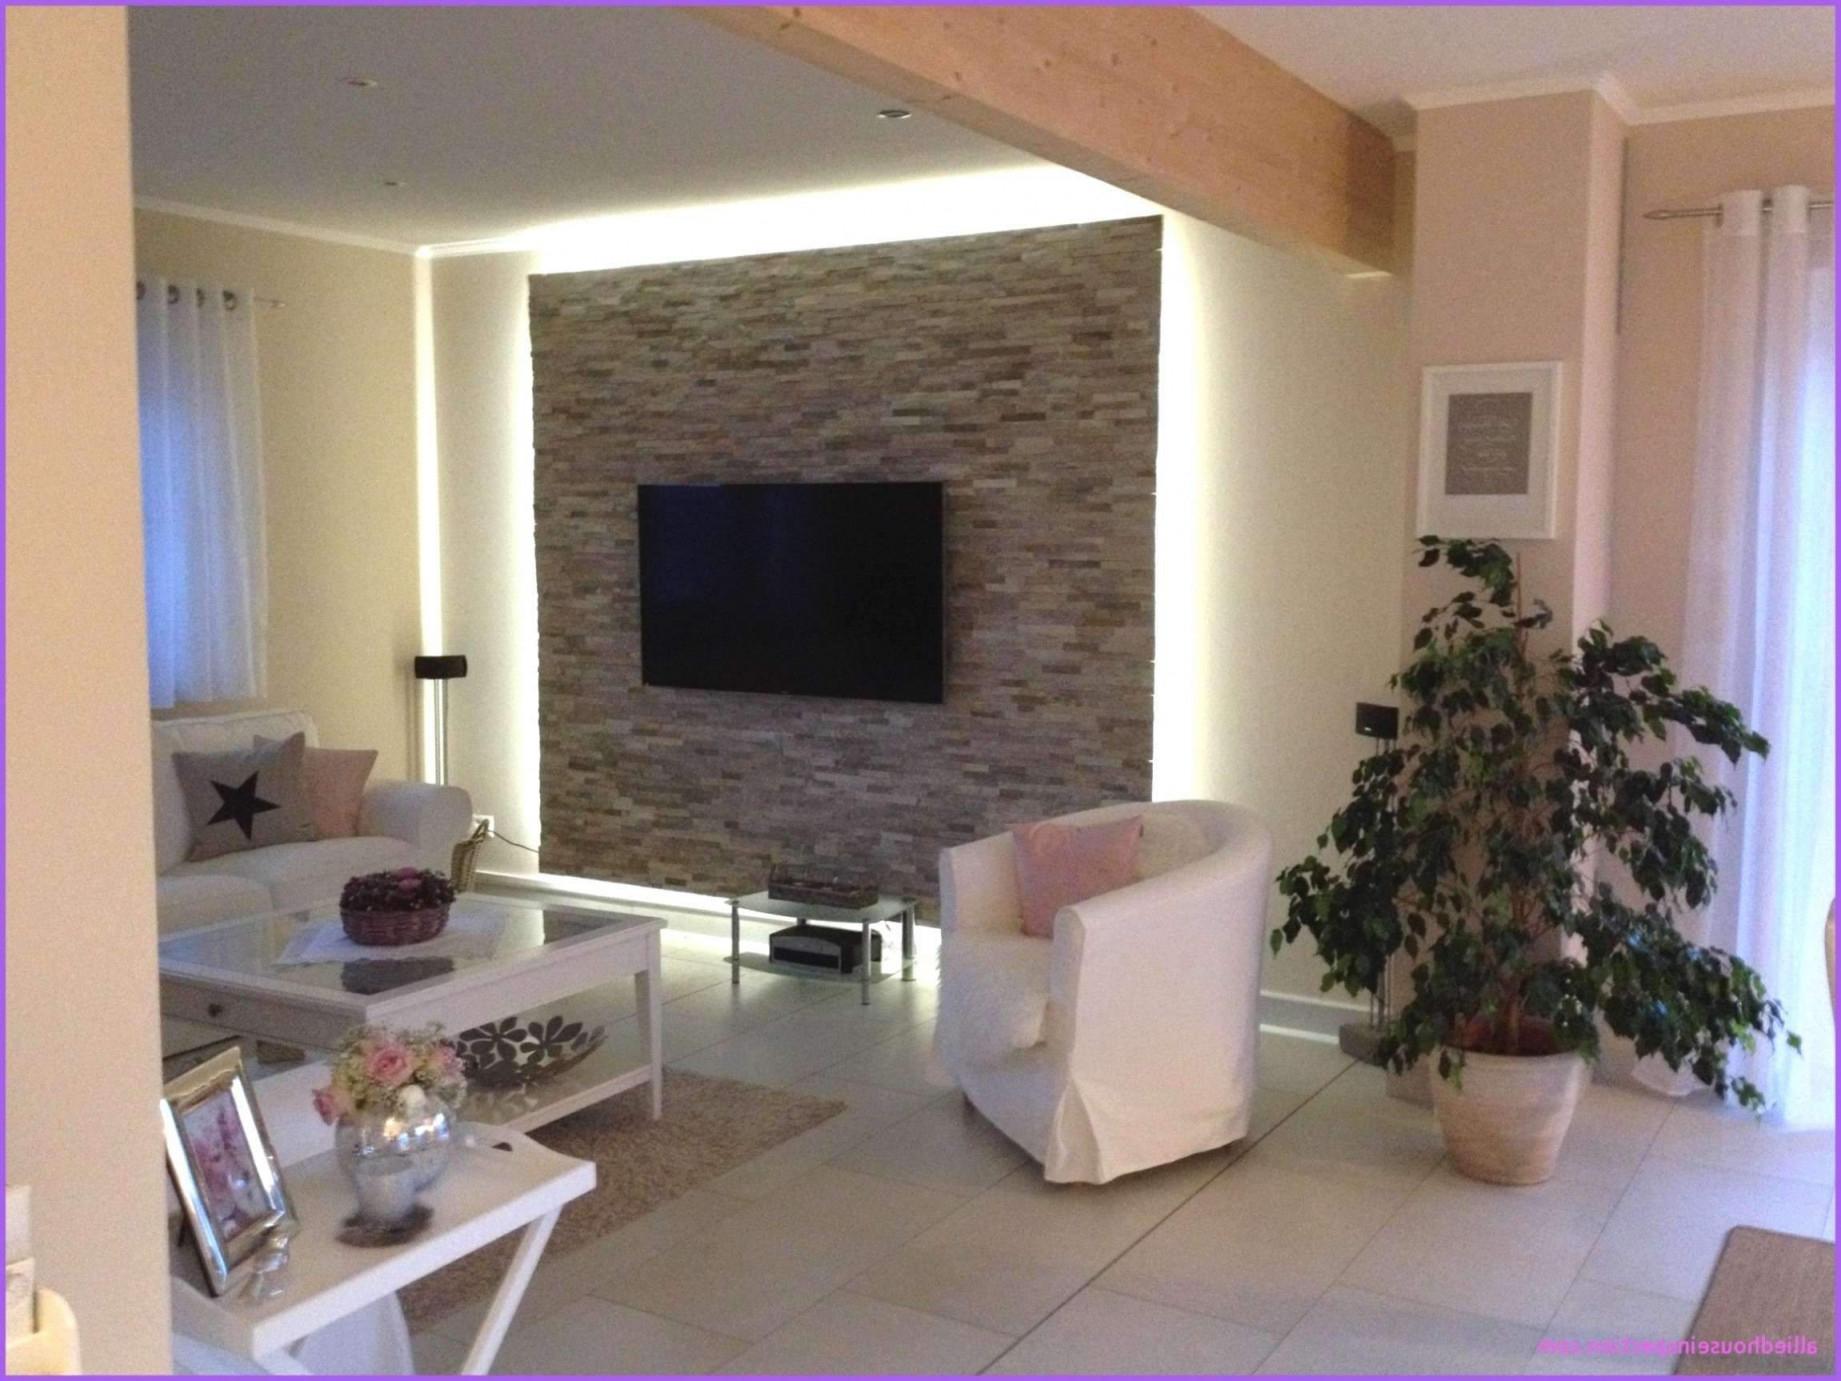 32 Das Beste Von Wohnzimmer Tapeten Ideen Reizend von Wohnzimmer Tapeten Ideen Photo